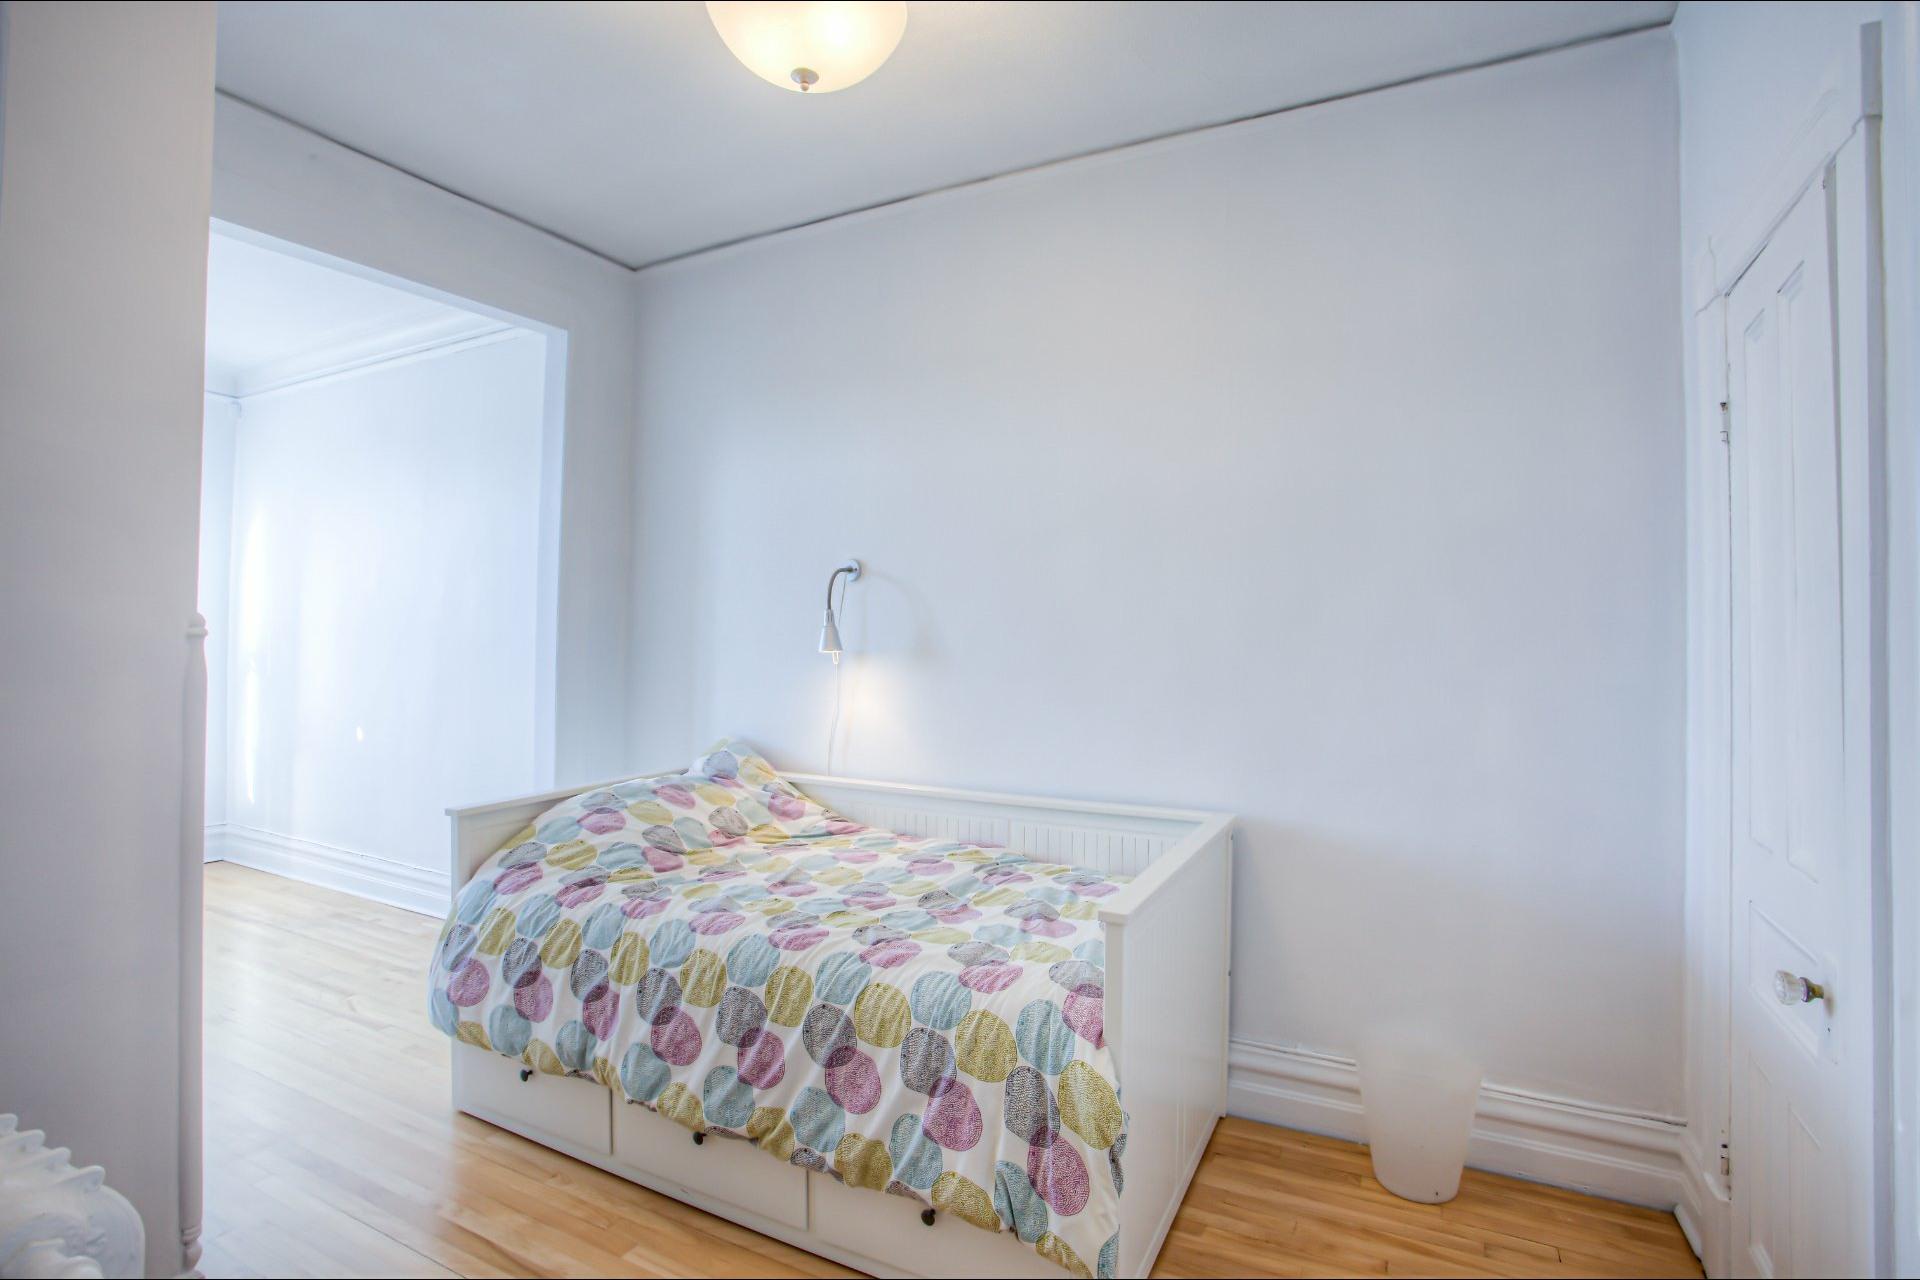 image 10 - Appartement À vendre Rosemont/La Petite-Patrie Montréal  - 8 pièces